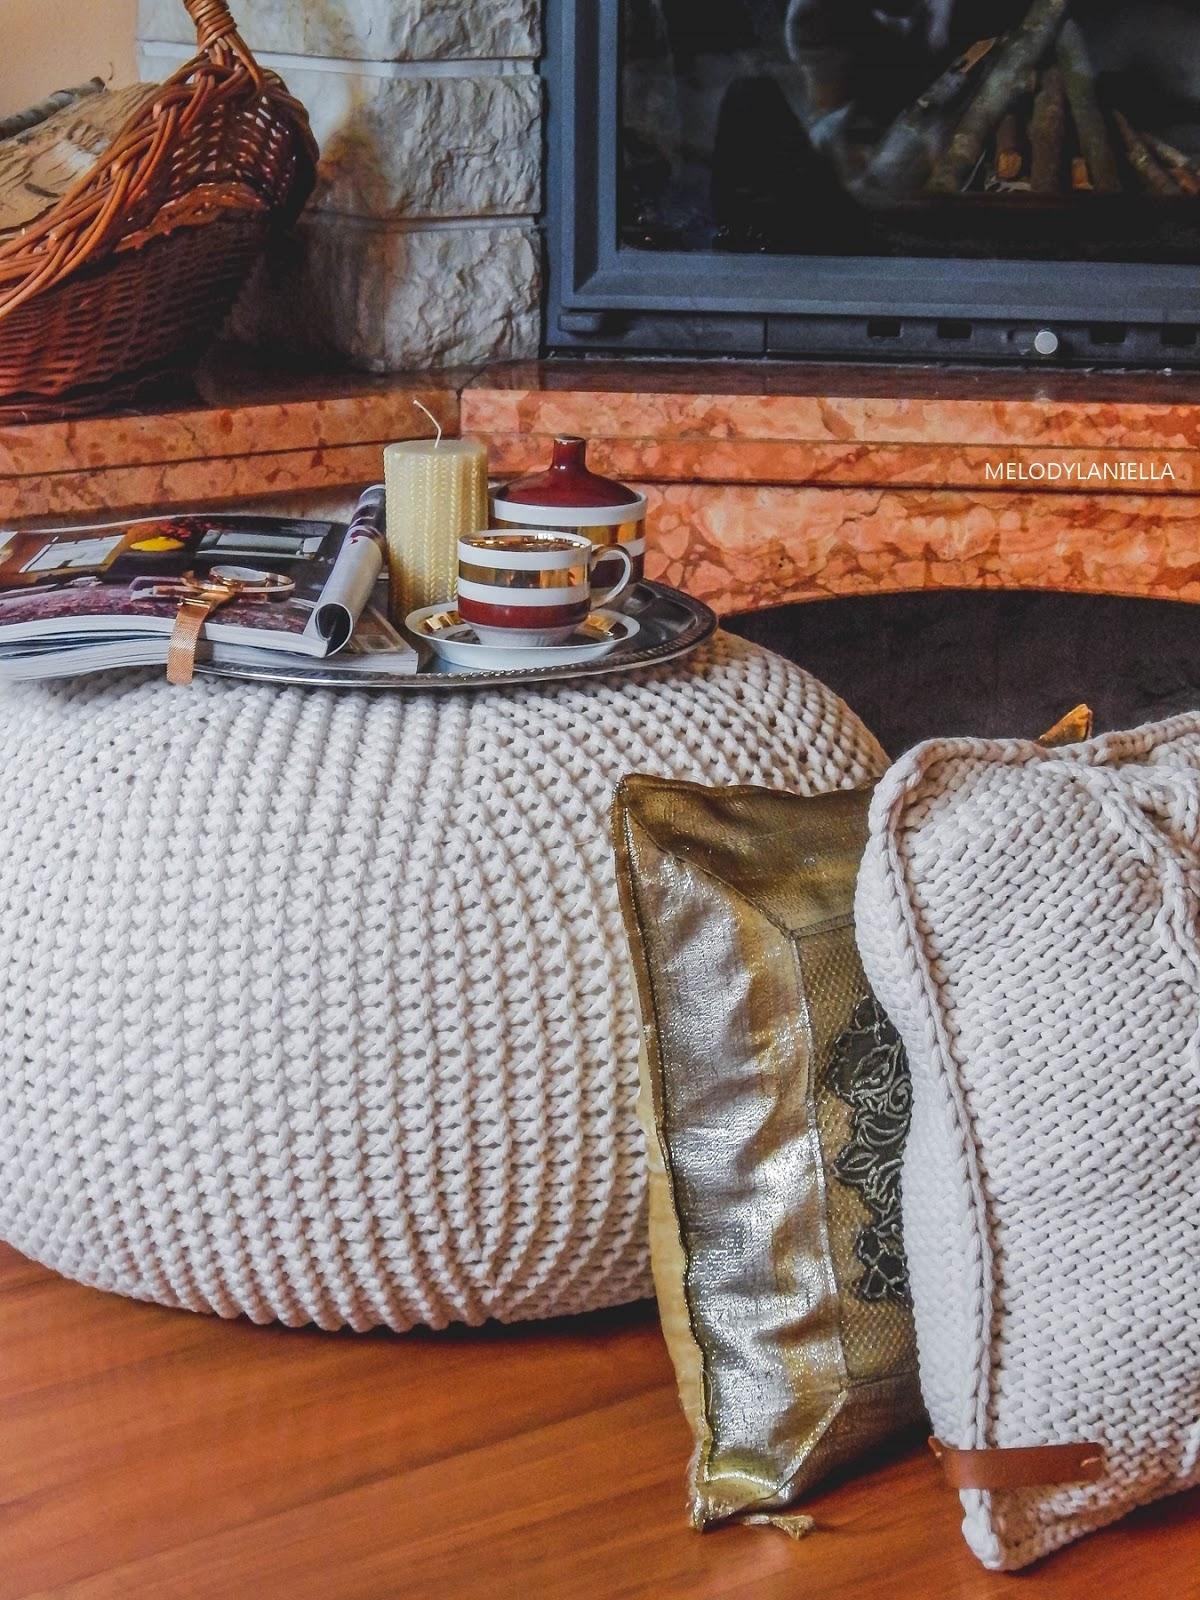 7 filo loop pomysł na biznes iwona trocka pufy poduszki warsztaty handmade robienia na drutach pledy koce shoper bag ze sznurka pomysł na prezent wystrój wnętrz design dodatki do mieszkań i domów handmade